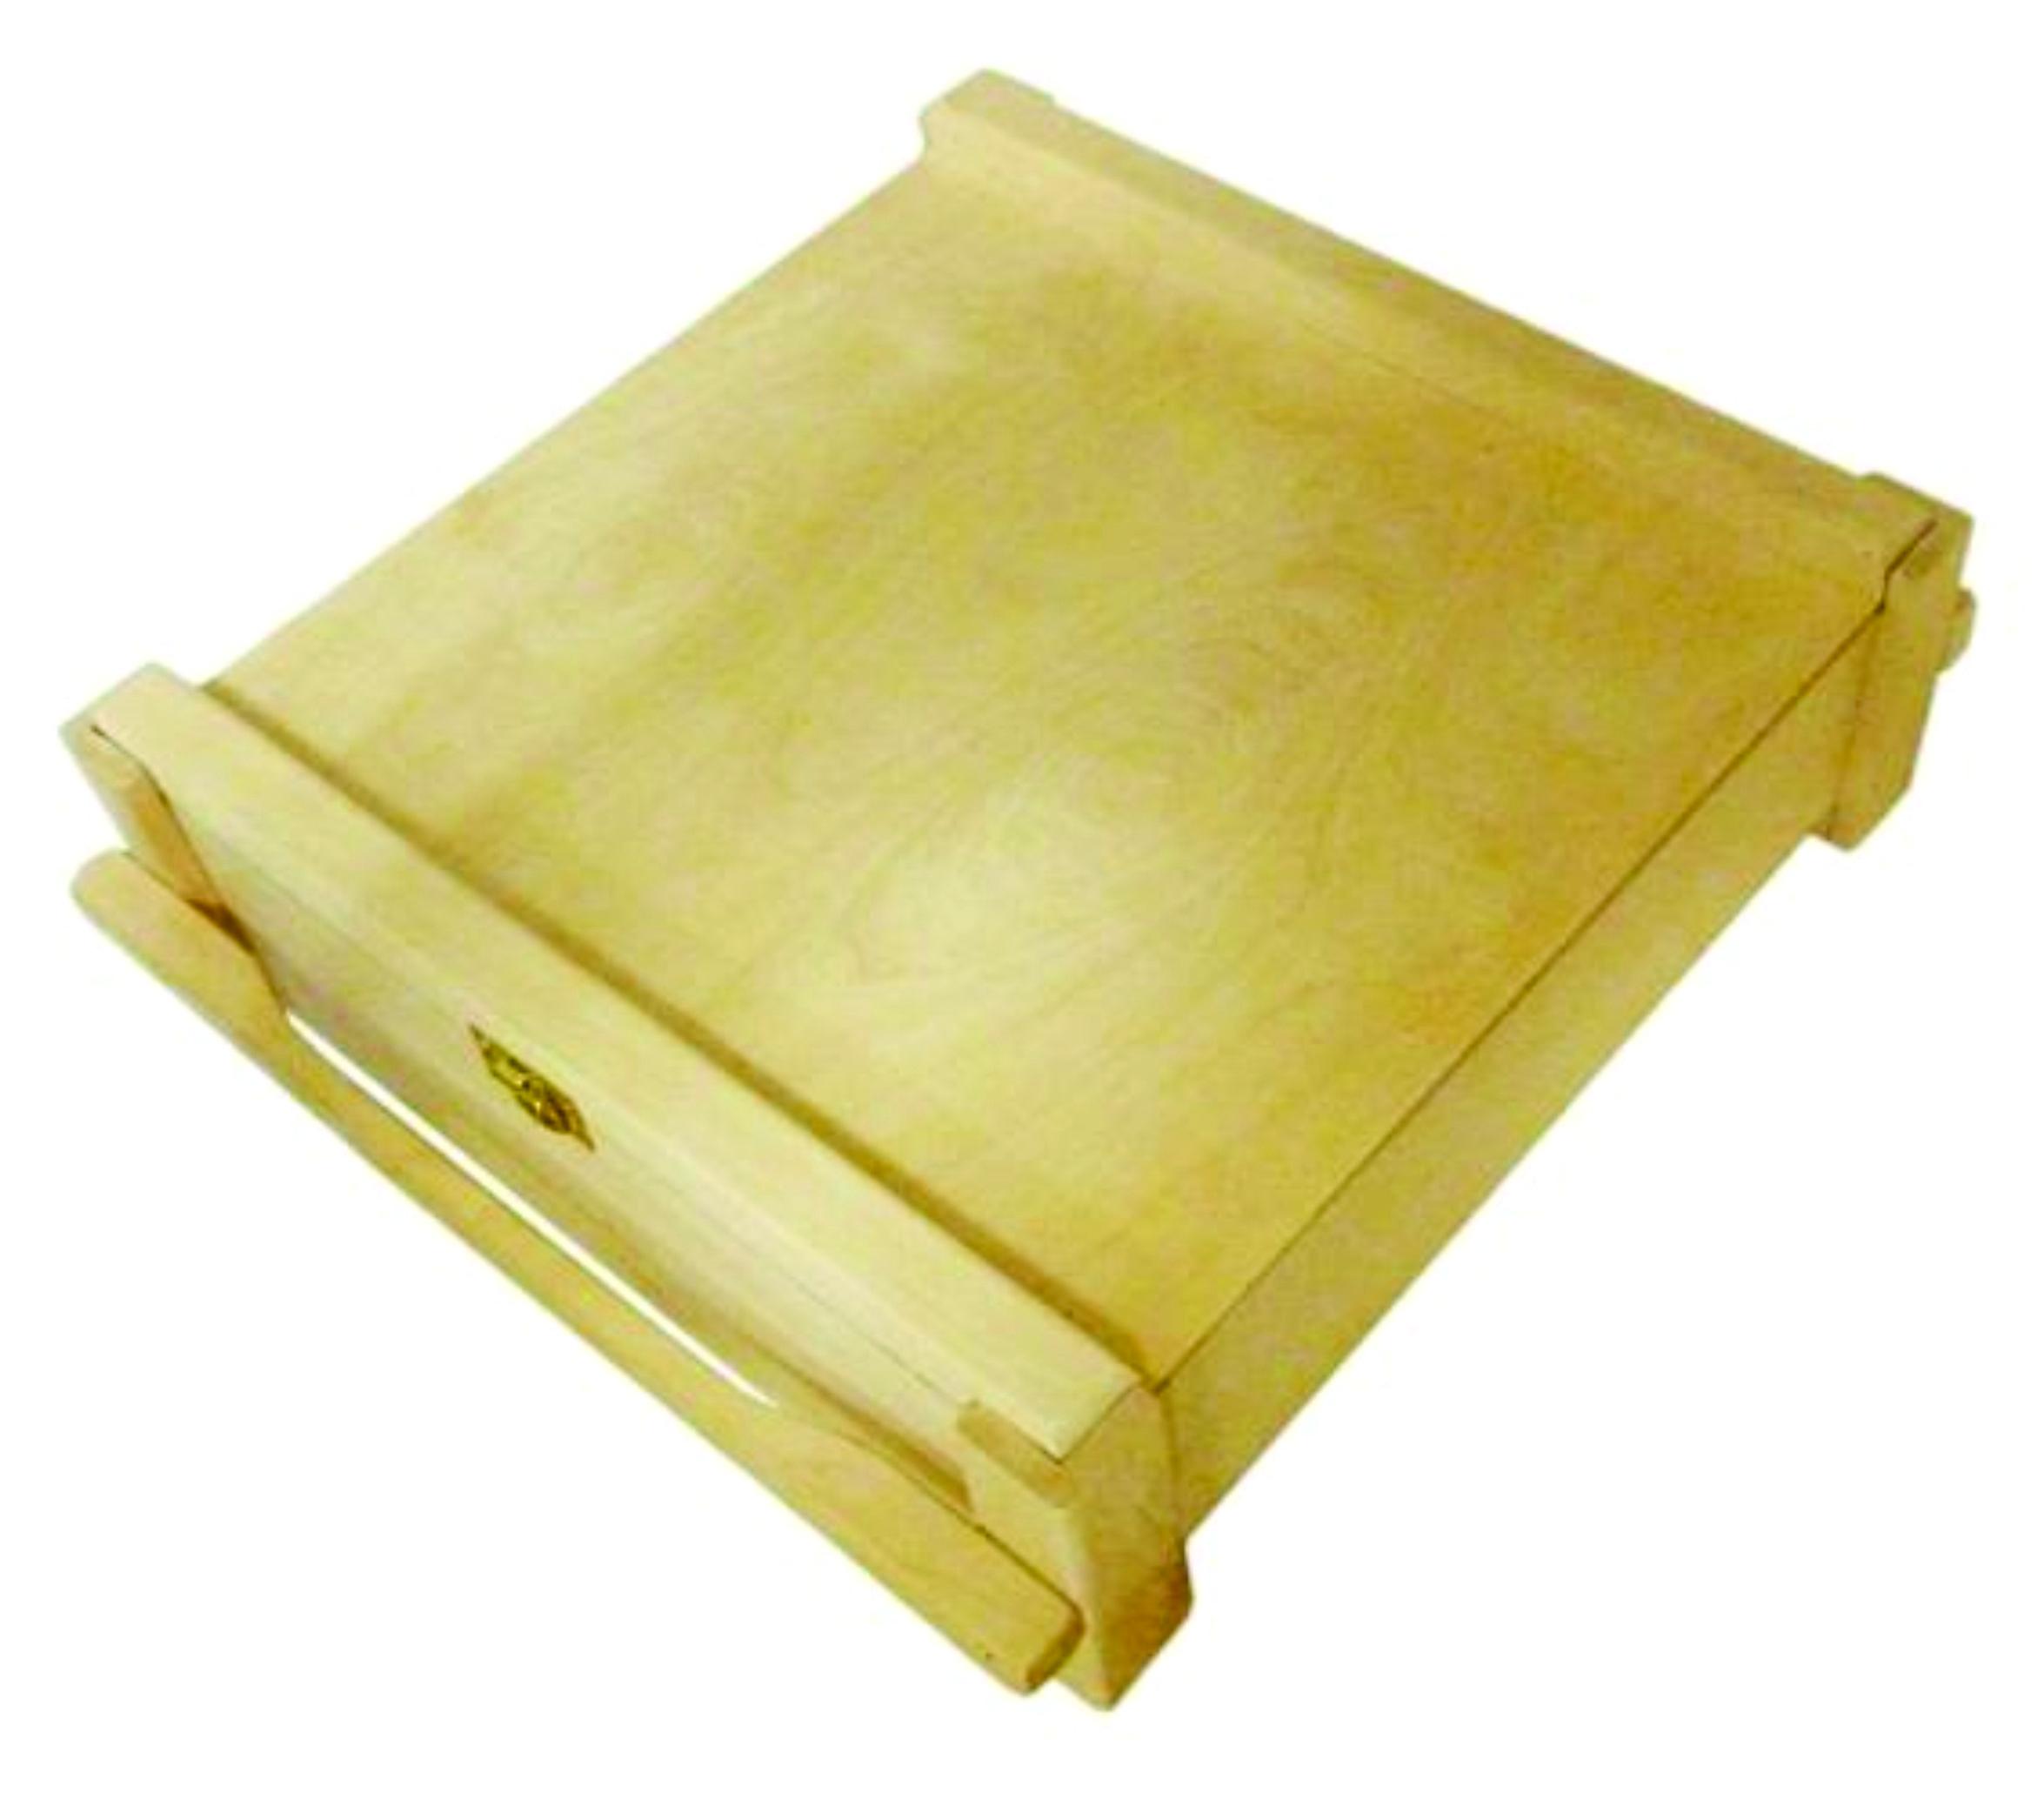 L3 Drevená bedňa 33.5 x 7.8cm x 3 VF